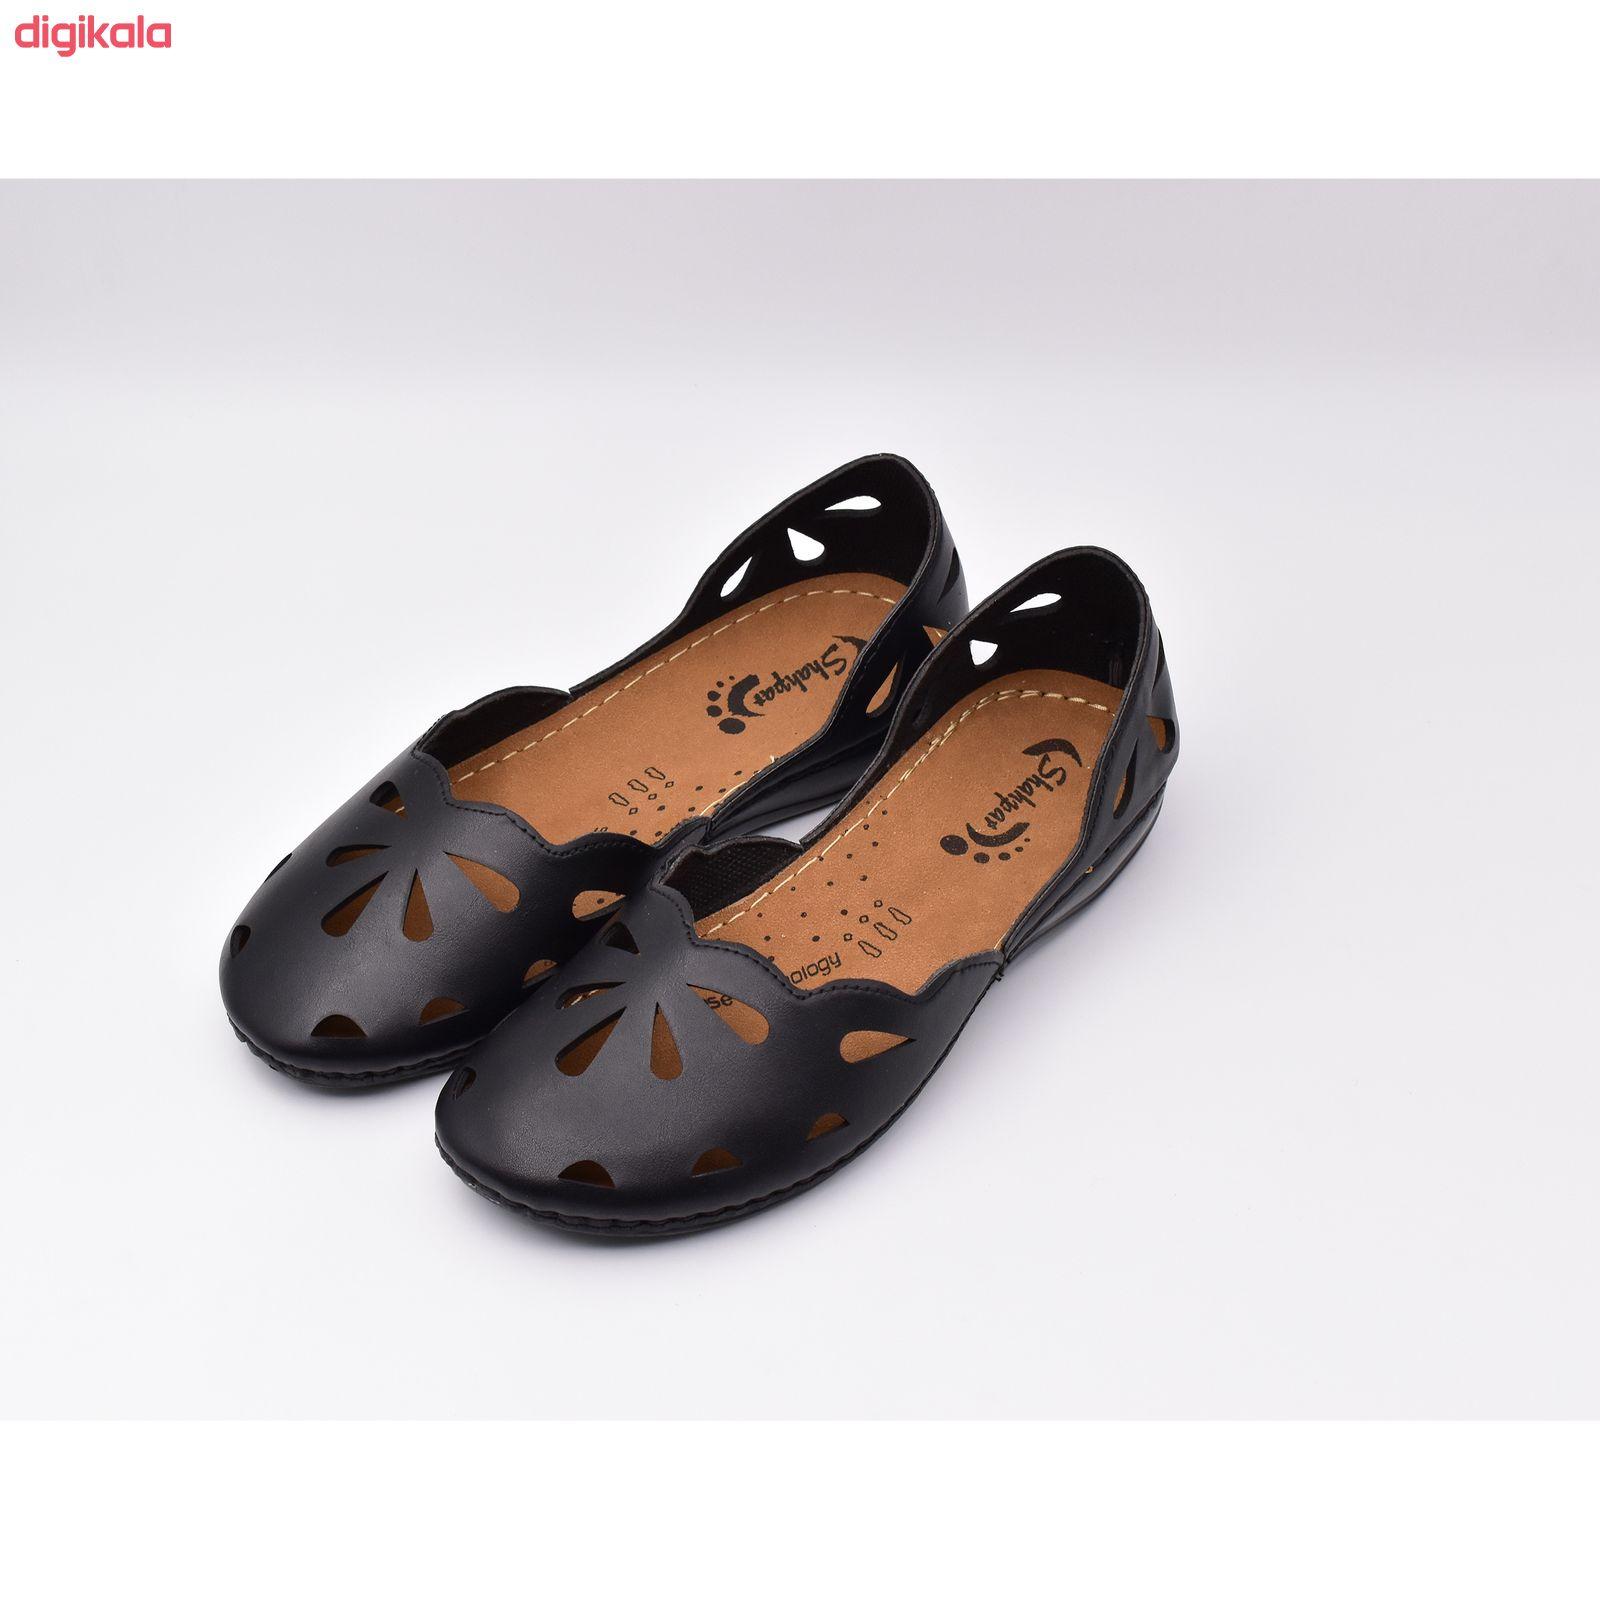 کفش زنانه شهپر مدل رویا 109 کد 7187 main 1 4